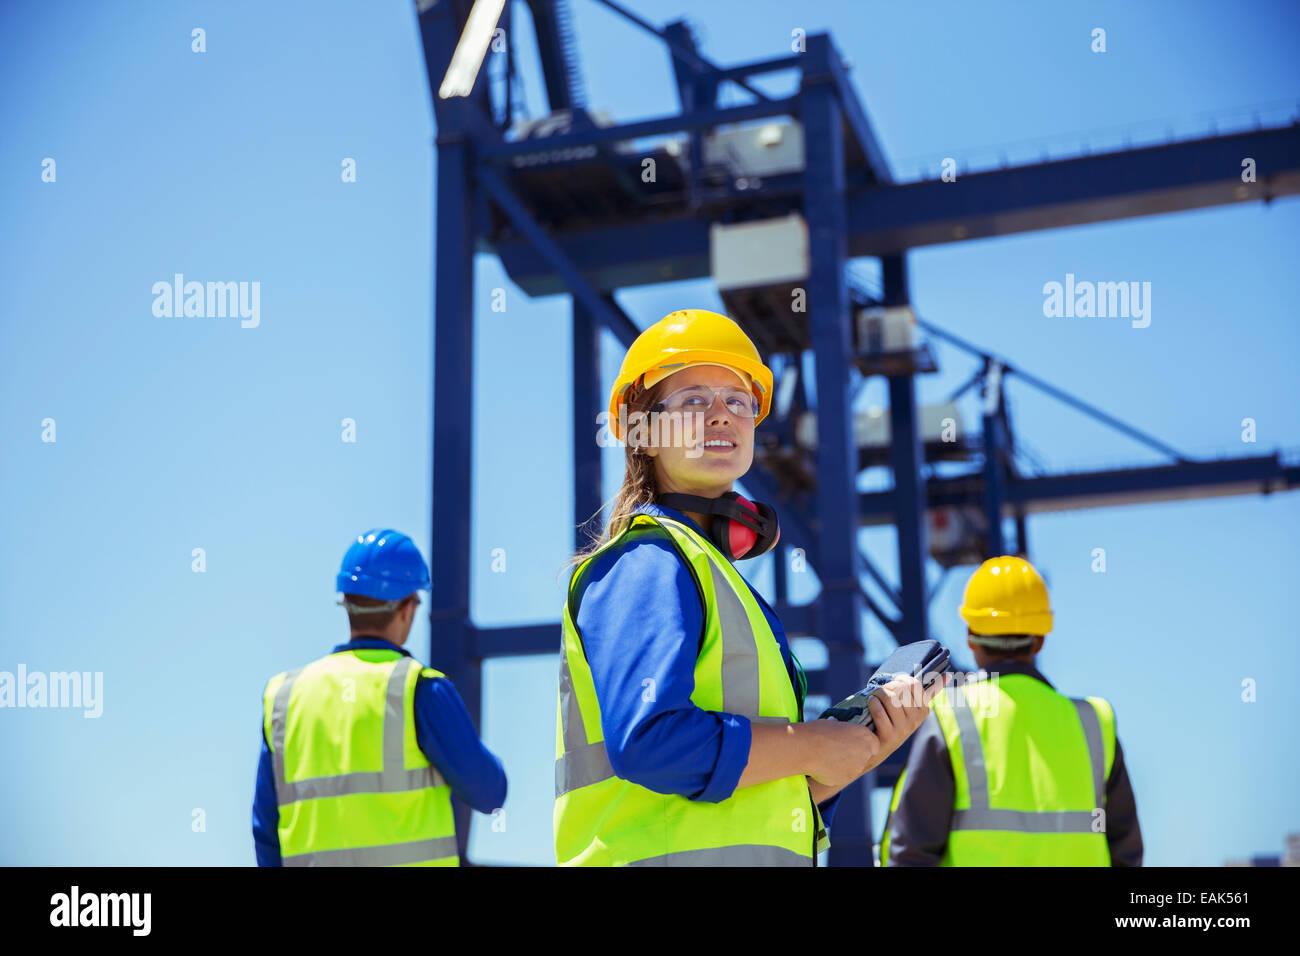 Niedrigen Winkel Ansicht der Arbeitnehmer unter Ladung Kran steht Stockbild